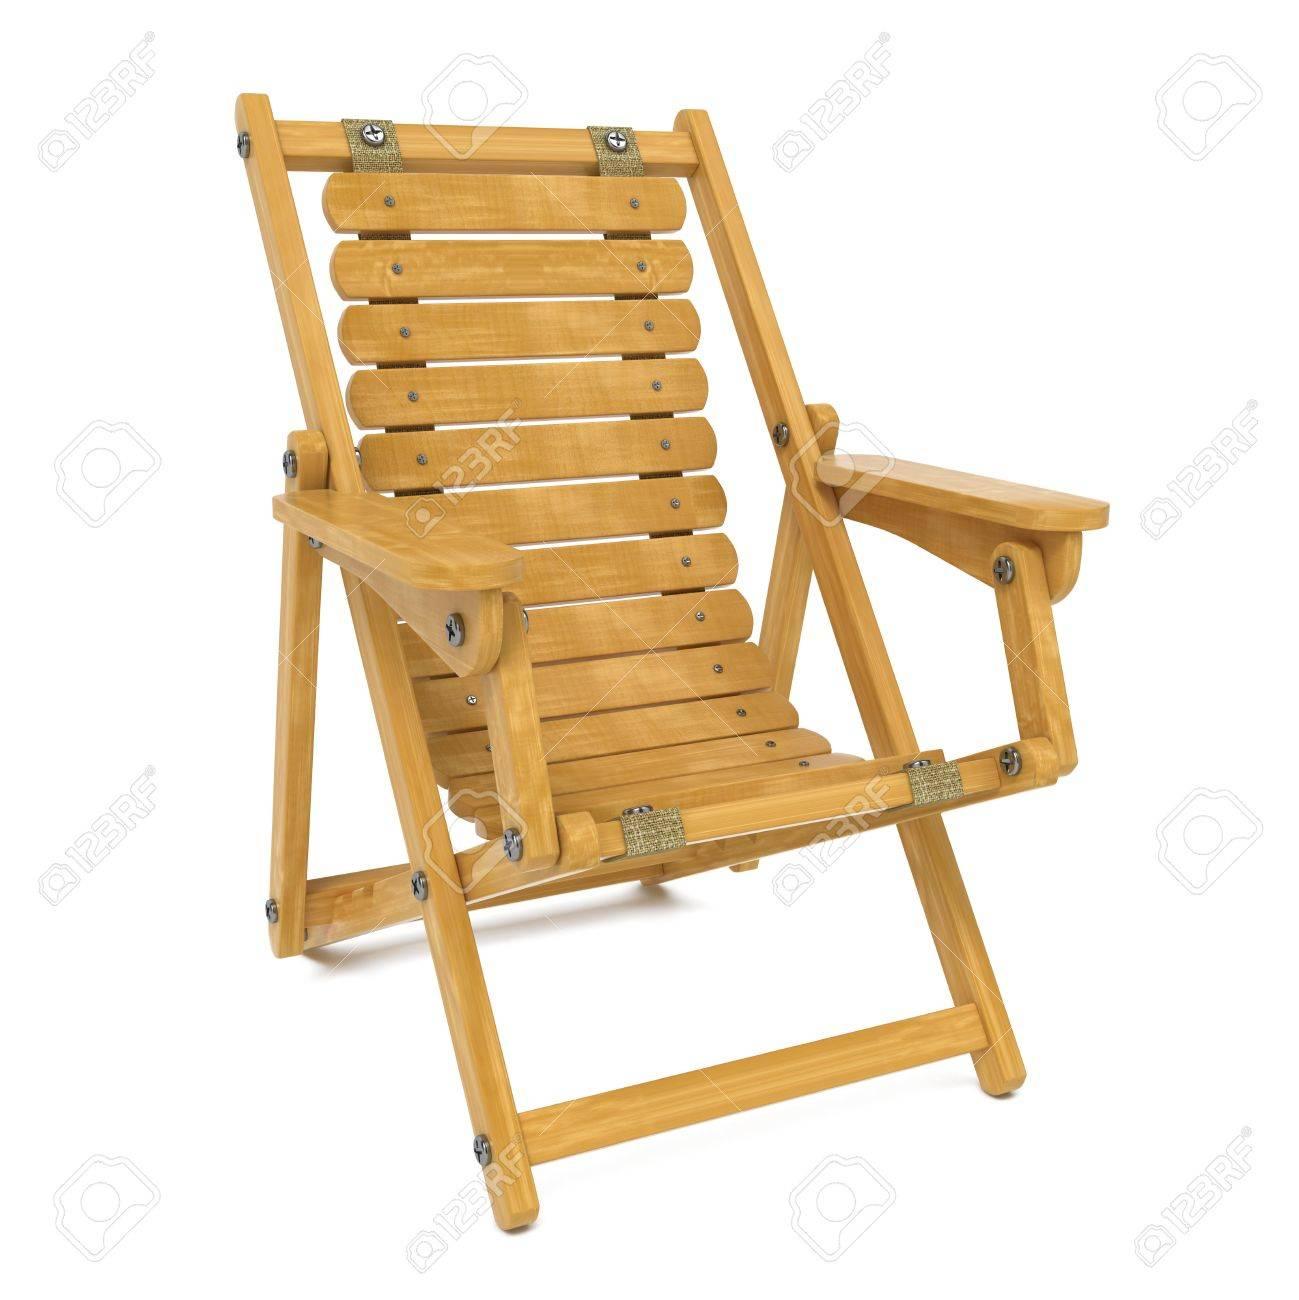 Chaise Longue Pliante En Bois Isol Sur Fond Blanc Banque DImages